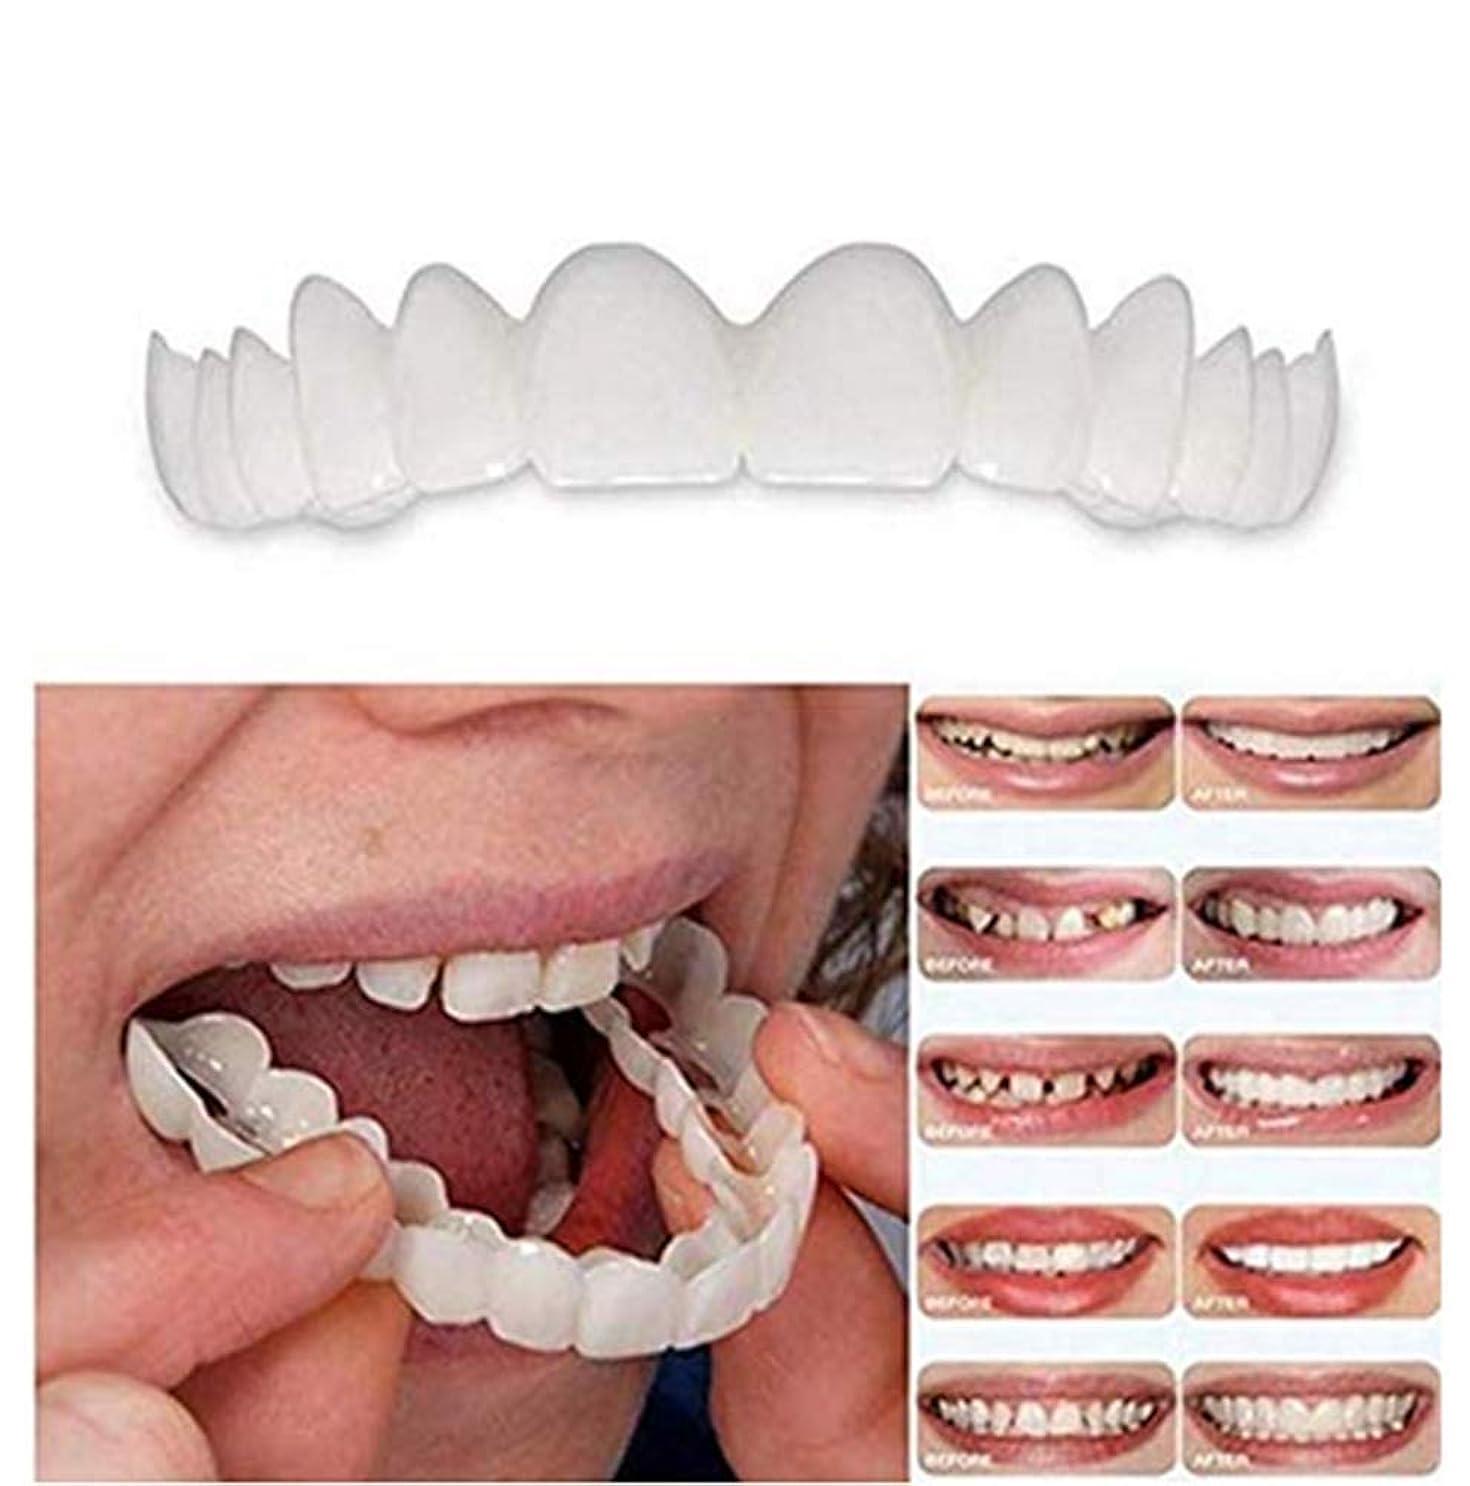 伝記気配りのあるプーノ2PCS /セット(上下の歯の義歯)上下の一時的な反本物の義歯インスタントスマイルコンフォートフィットフレックス化粧品歯義歯歯トップ化粧品突き板